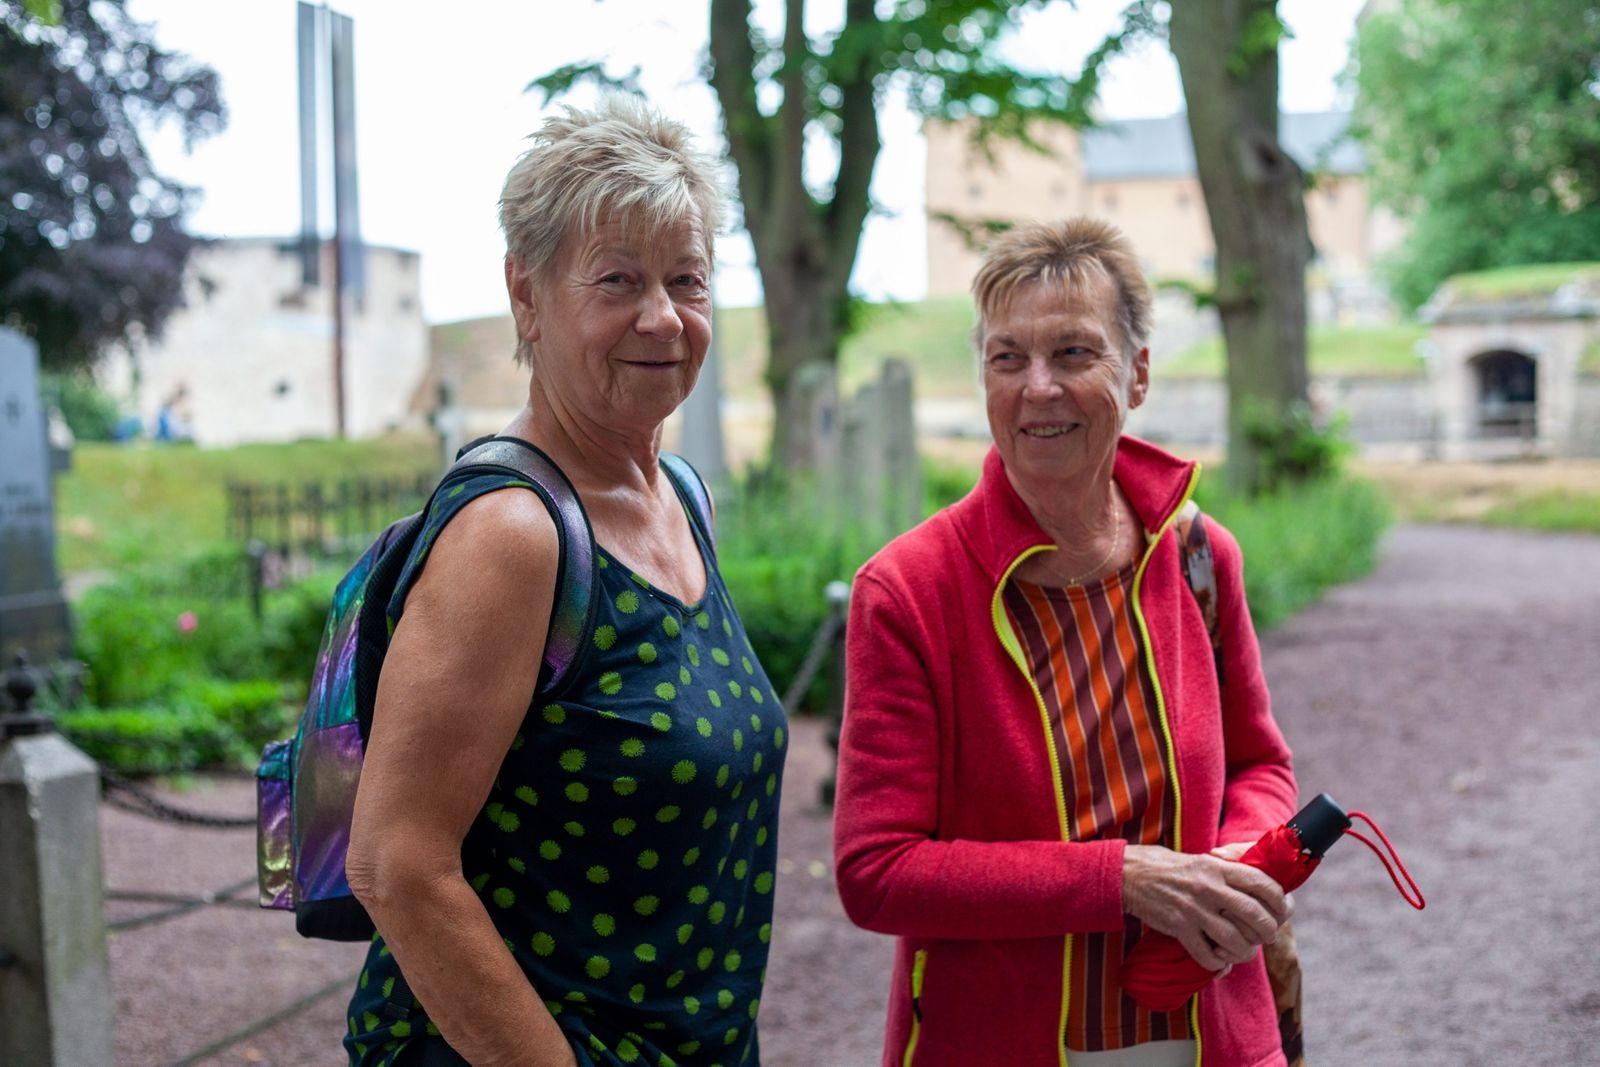 Marvy Nilsson och Agneta Falkfors tycker att kyrkogårdsteatern är årets höjdpunkt. – Det är jättespännande och intressant. Duktiga skådespelare är det också!